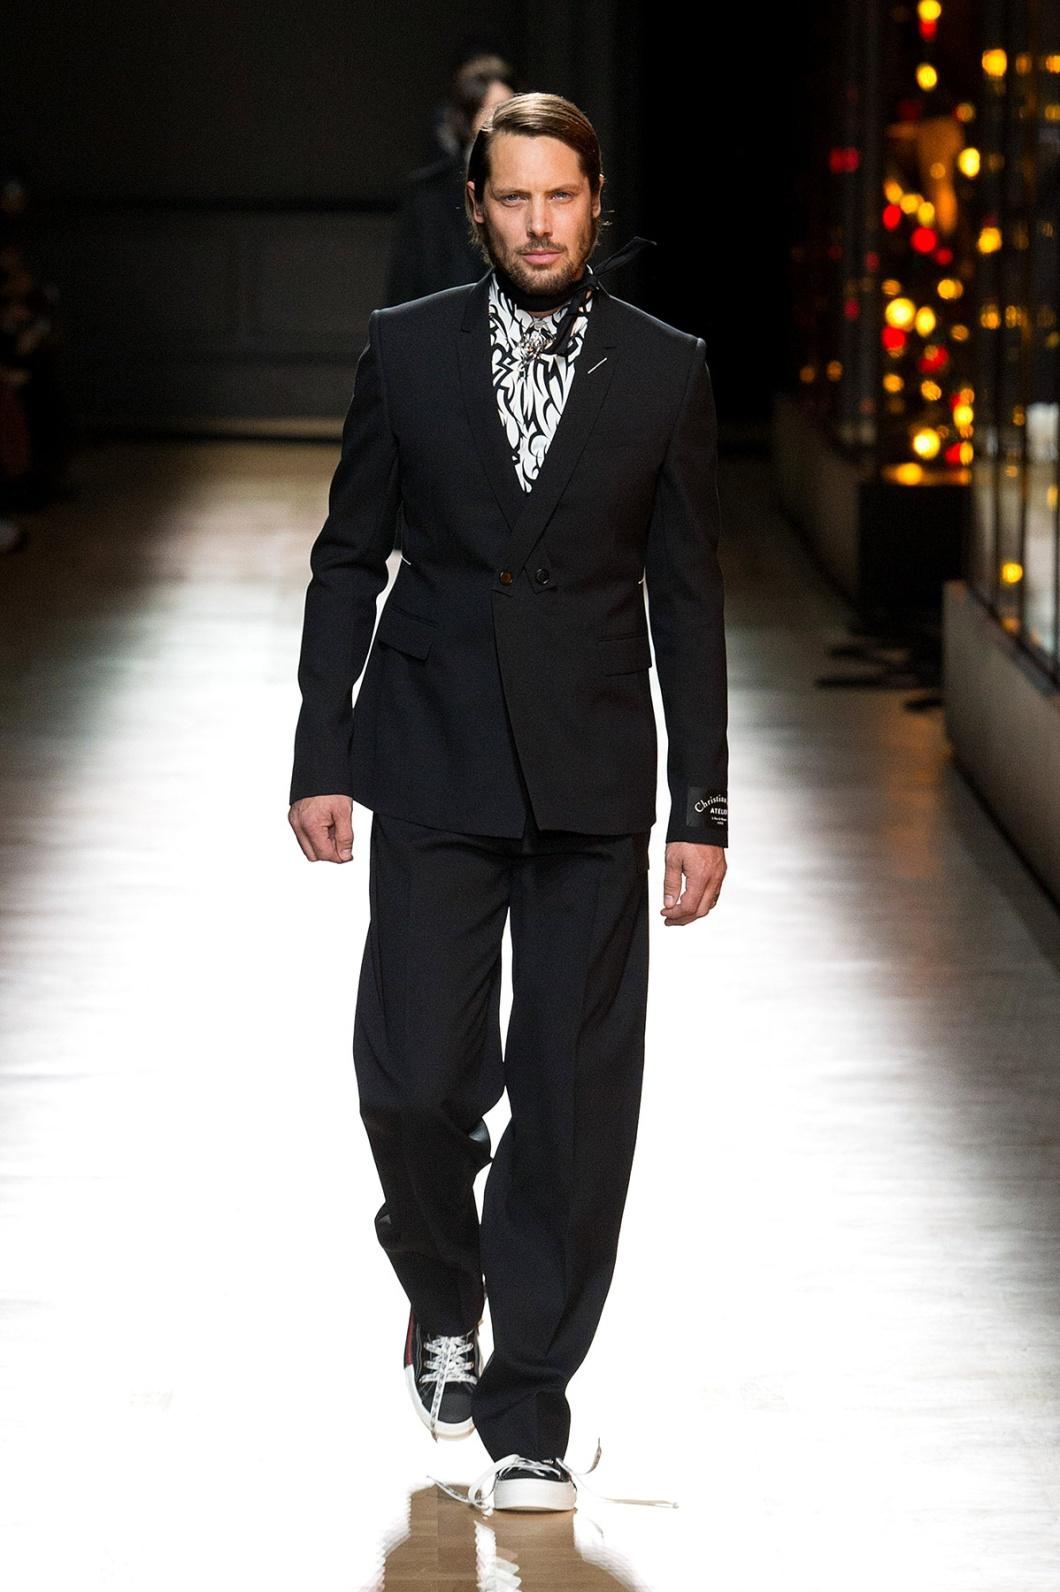 Vestimenta formal con tennis zapatillas champion ellos y ellas hombre personal stylist shopper asesoriadeimagen asuncion tijuana